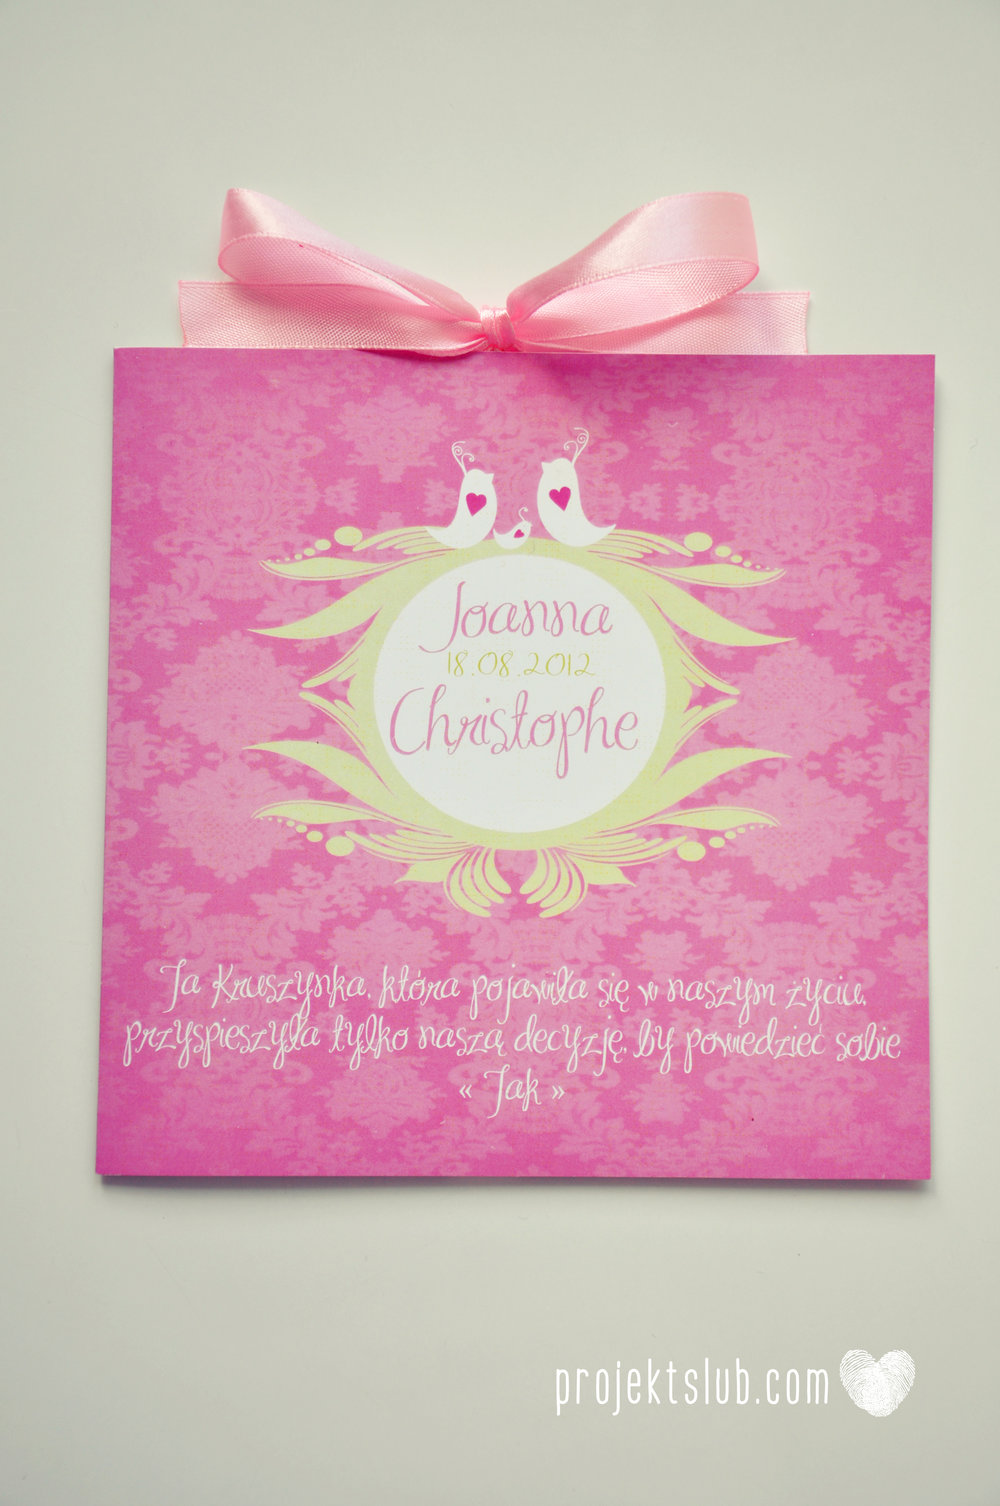 zaproszenia-ślubne-eleganckie-glamour-ptaszki-zaproszenia-dla-par-z-dzieckiem-różowy-róż-zielony-zaproszenia-projekt-ślub  (15).jpg